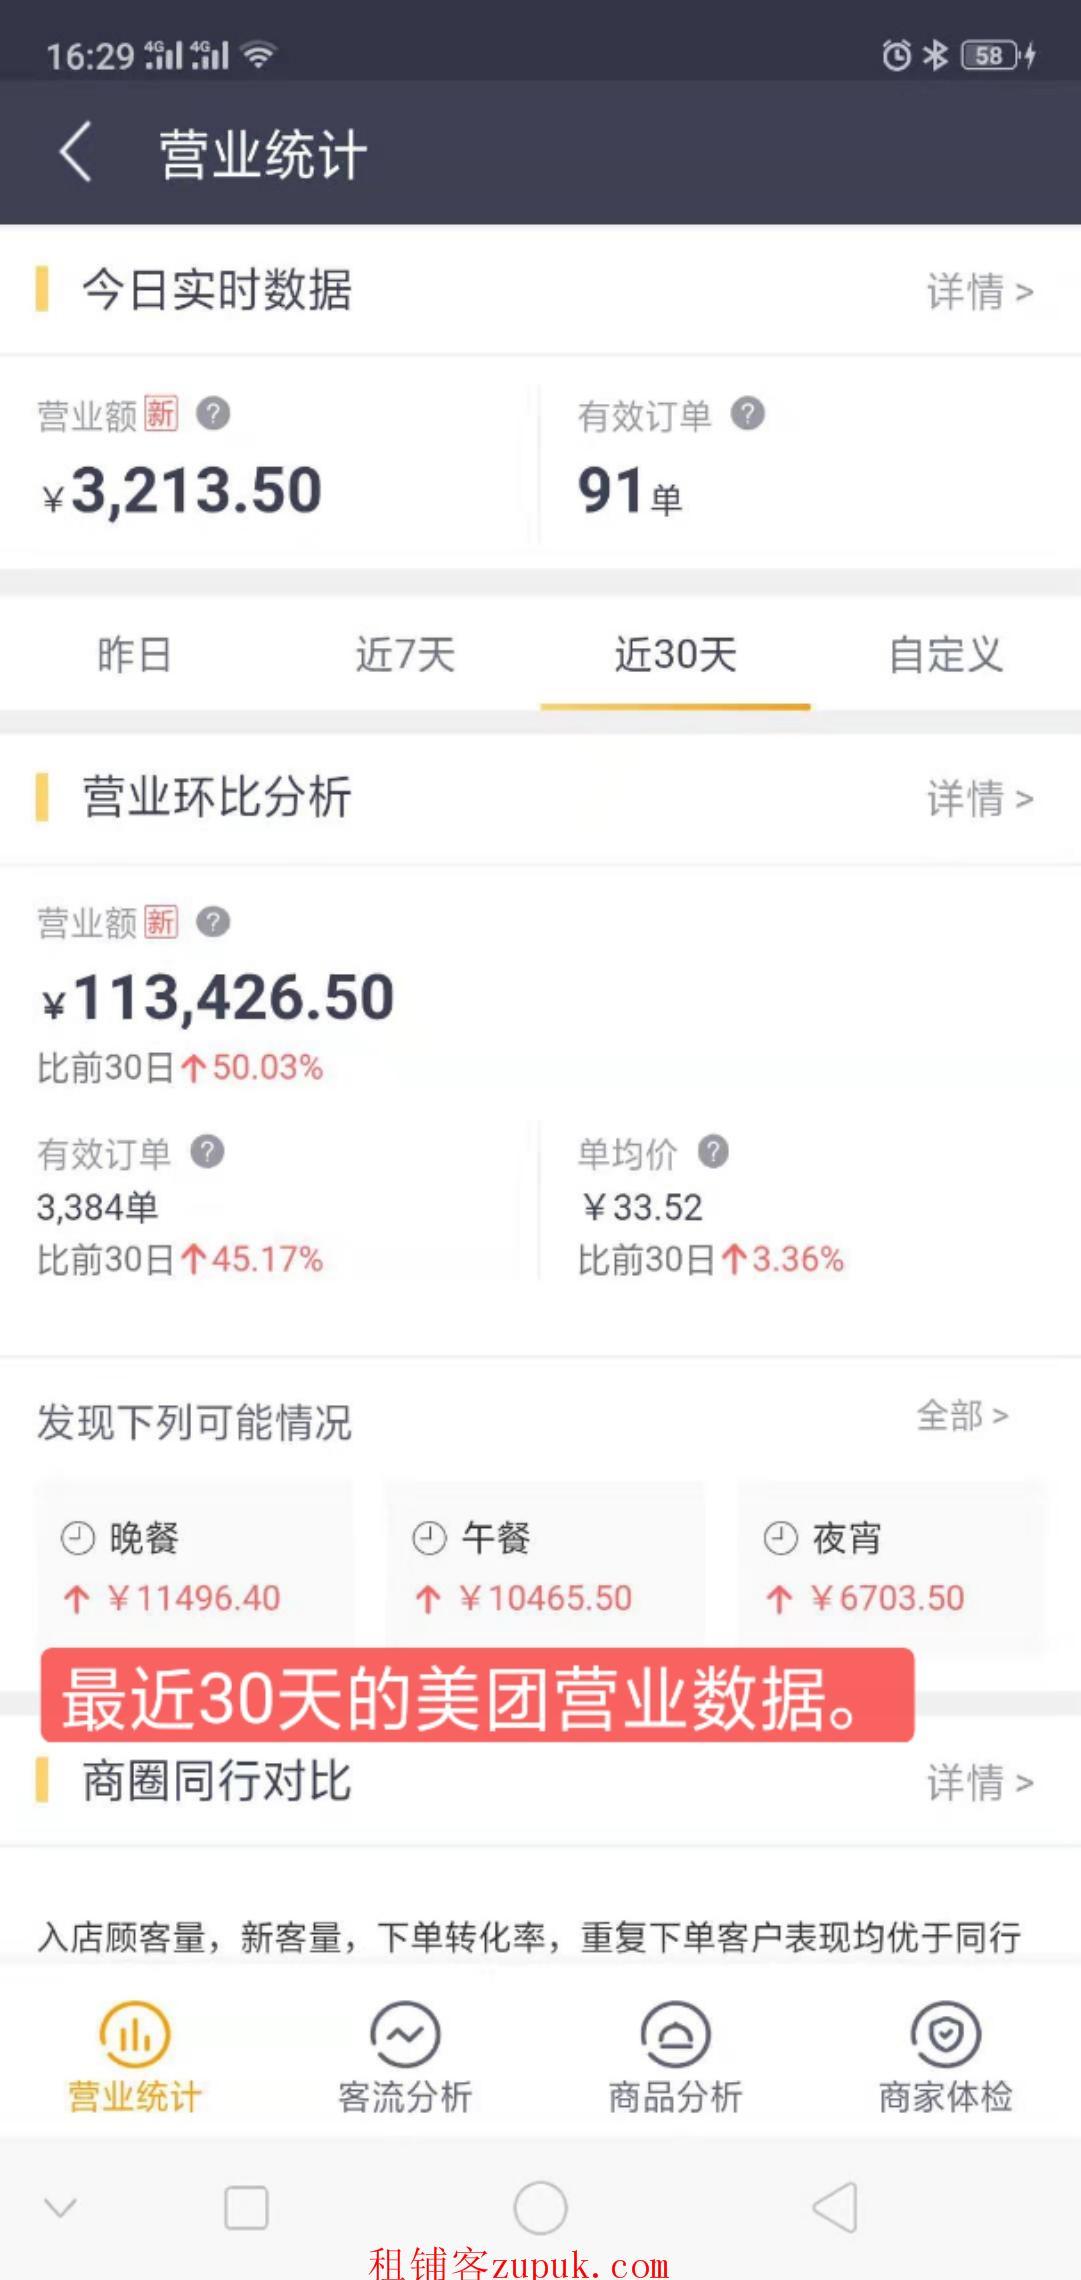 金阳会展城年利润60万海鲜粥店火爆生意转让